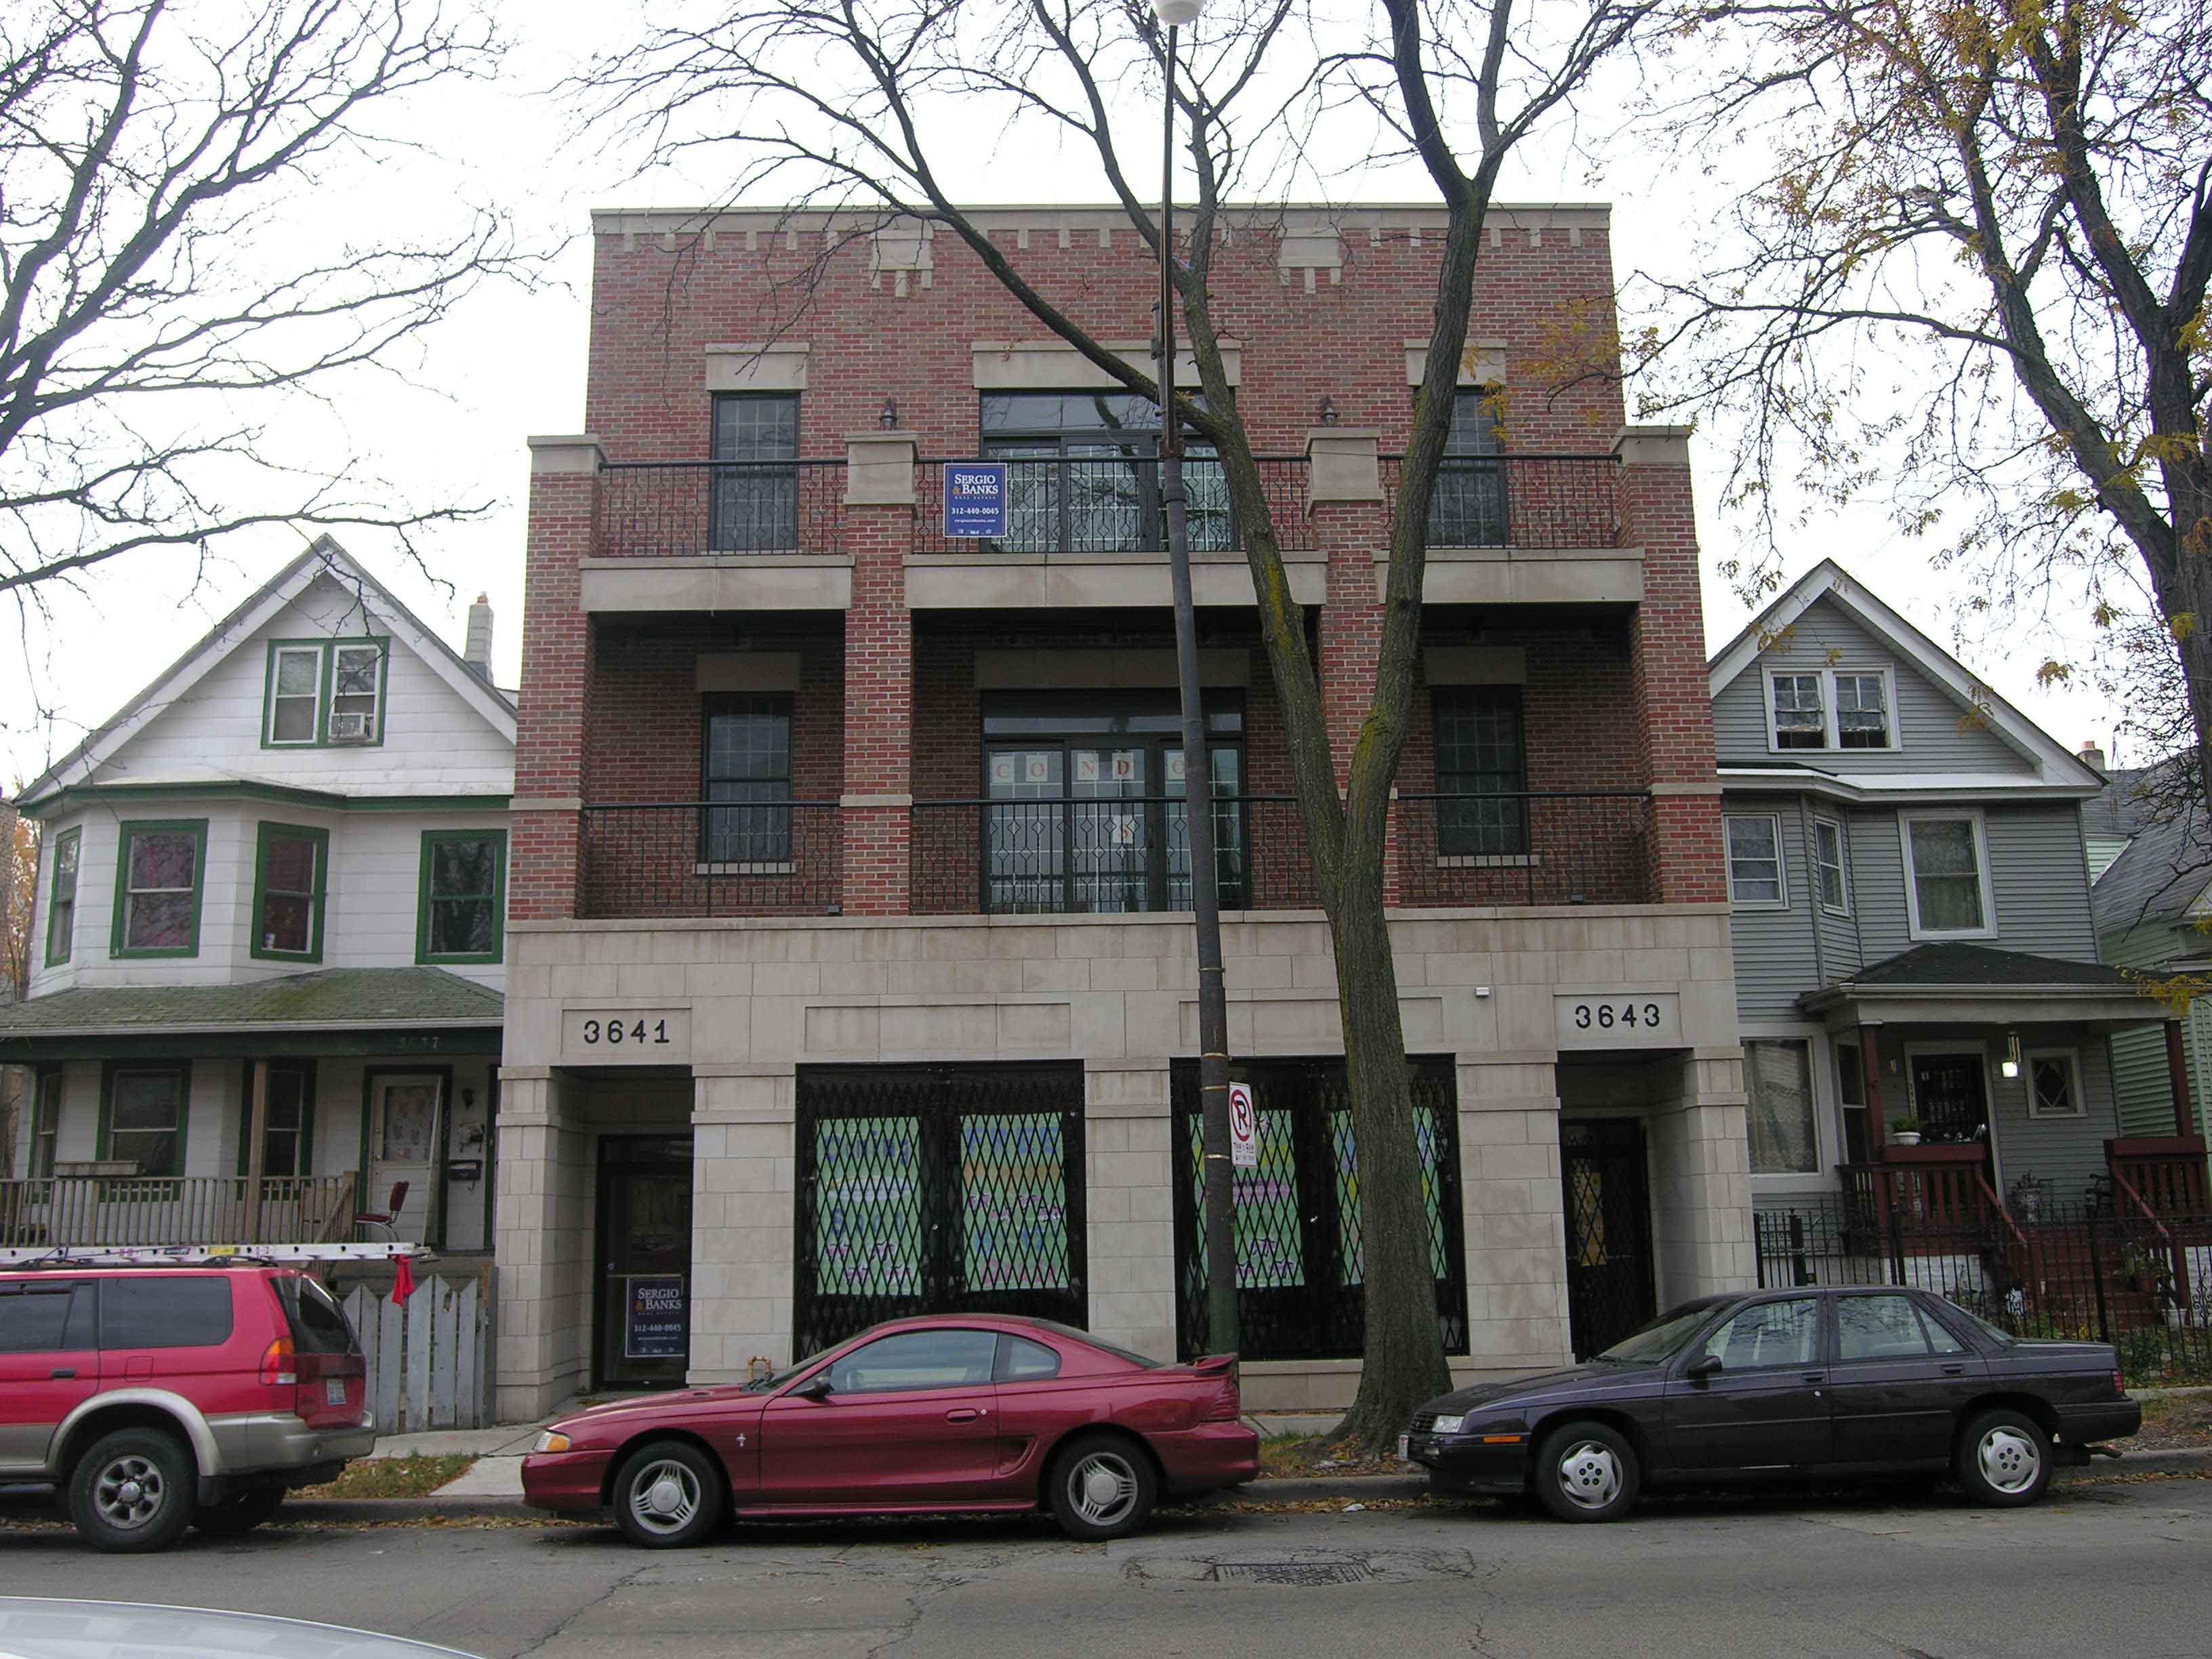 3641 W Belmont Ave